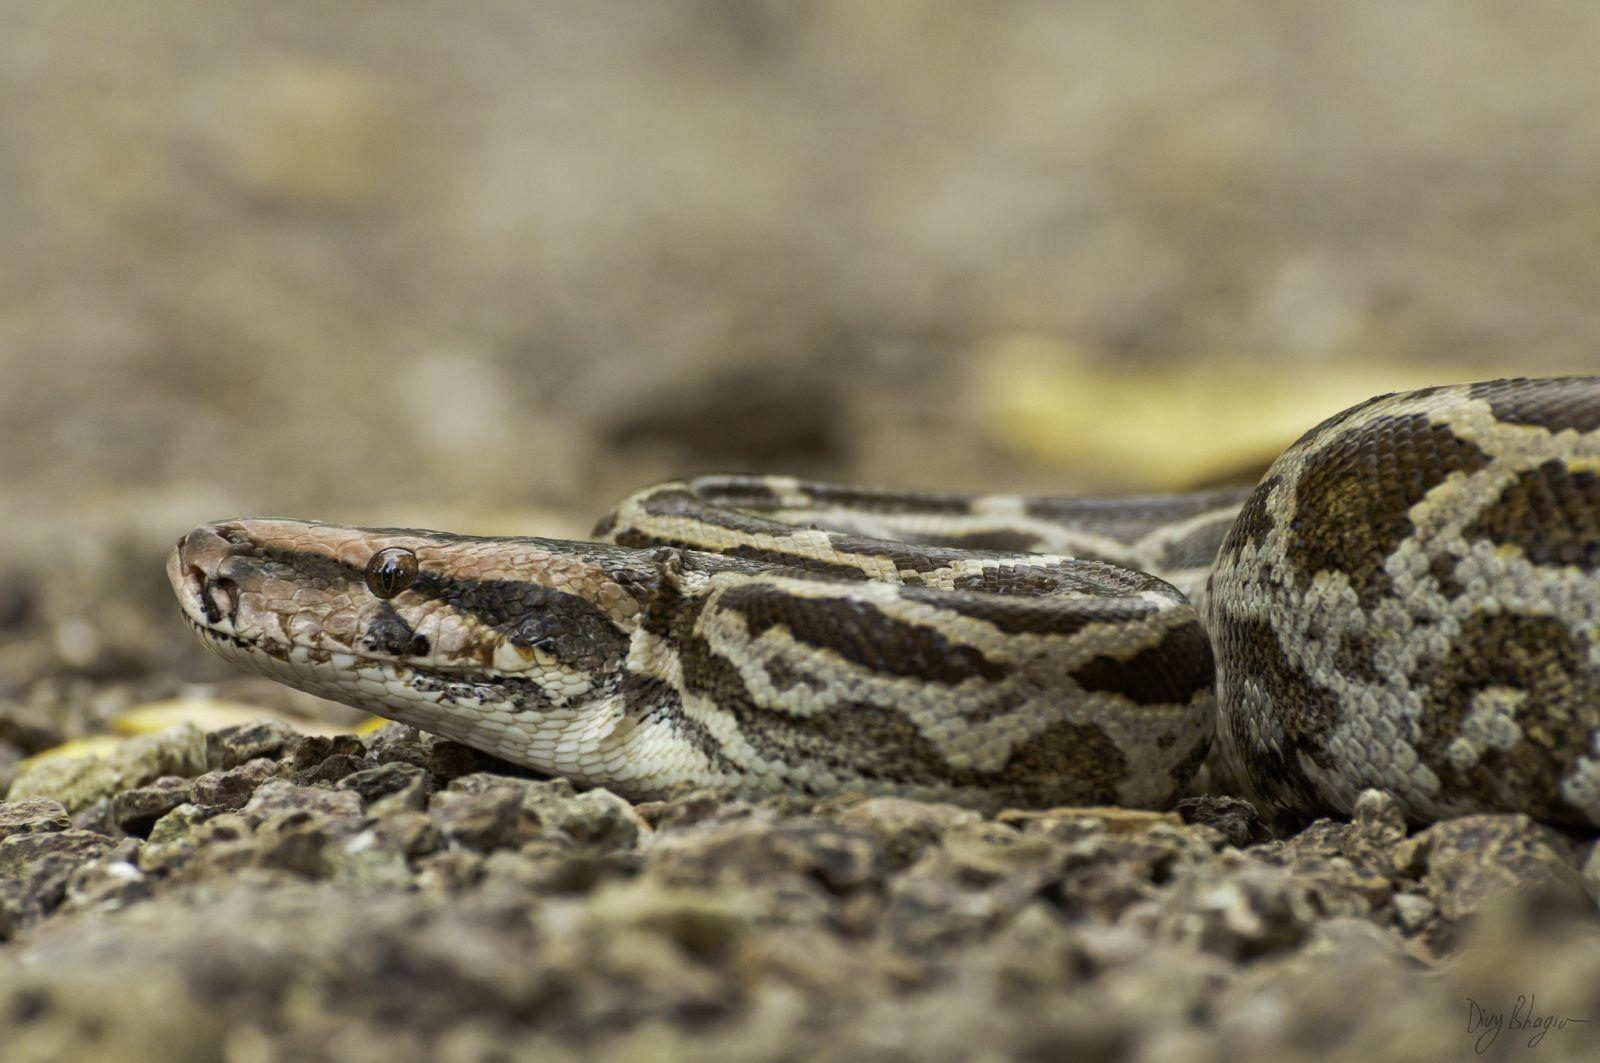 serpiente o culebra domestica en el piso de color blanco , plomo y negro